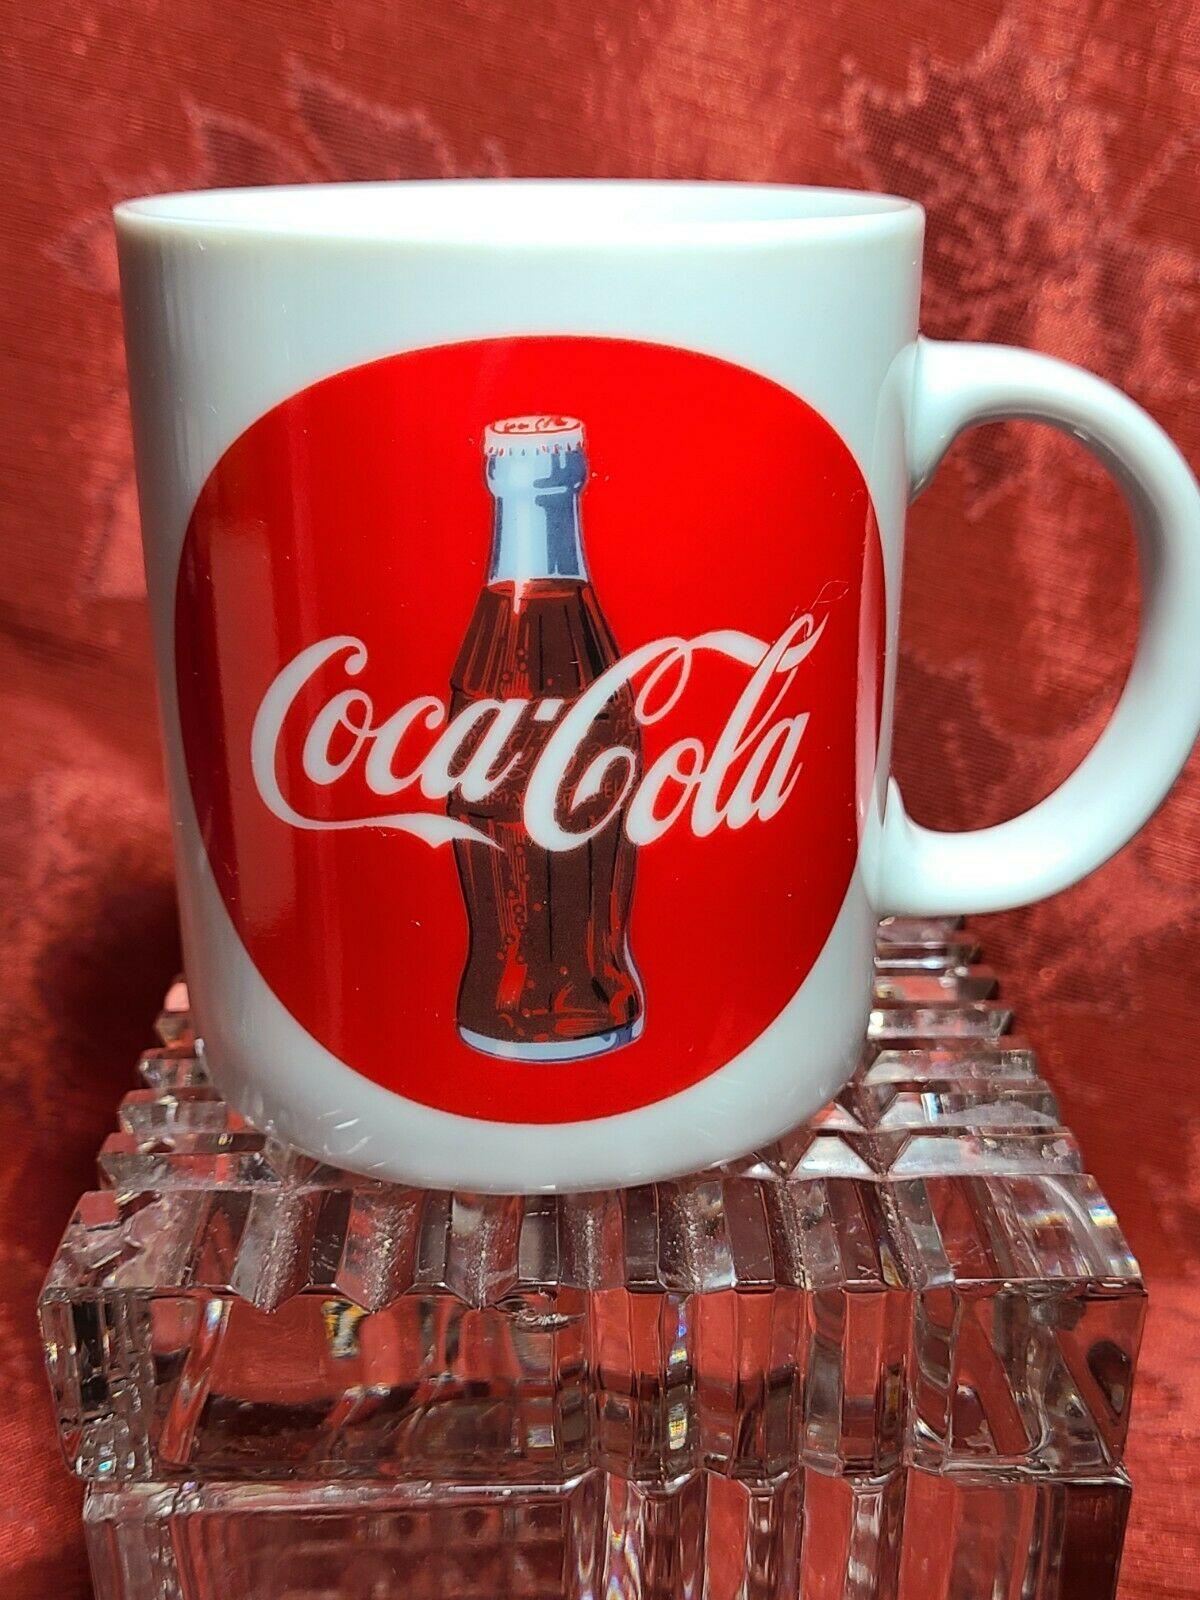 1992 COCA COLA Coke COFFEE MUG Original Ceramic